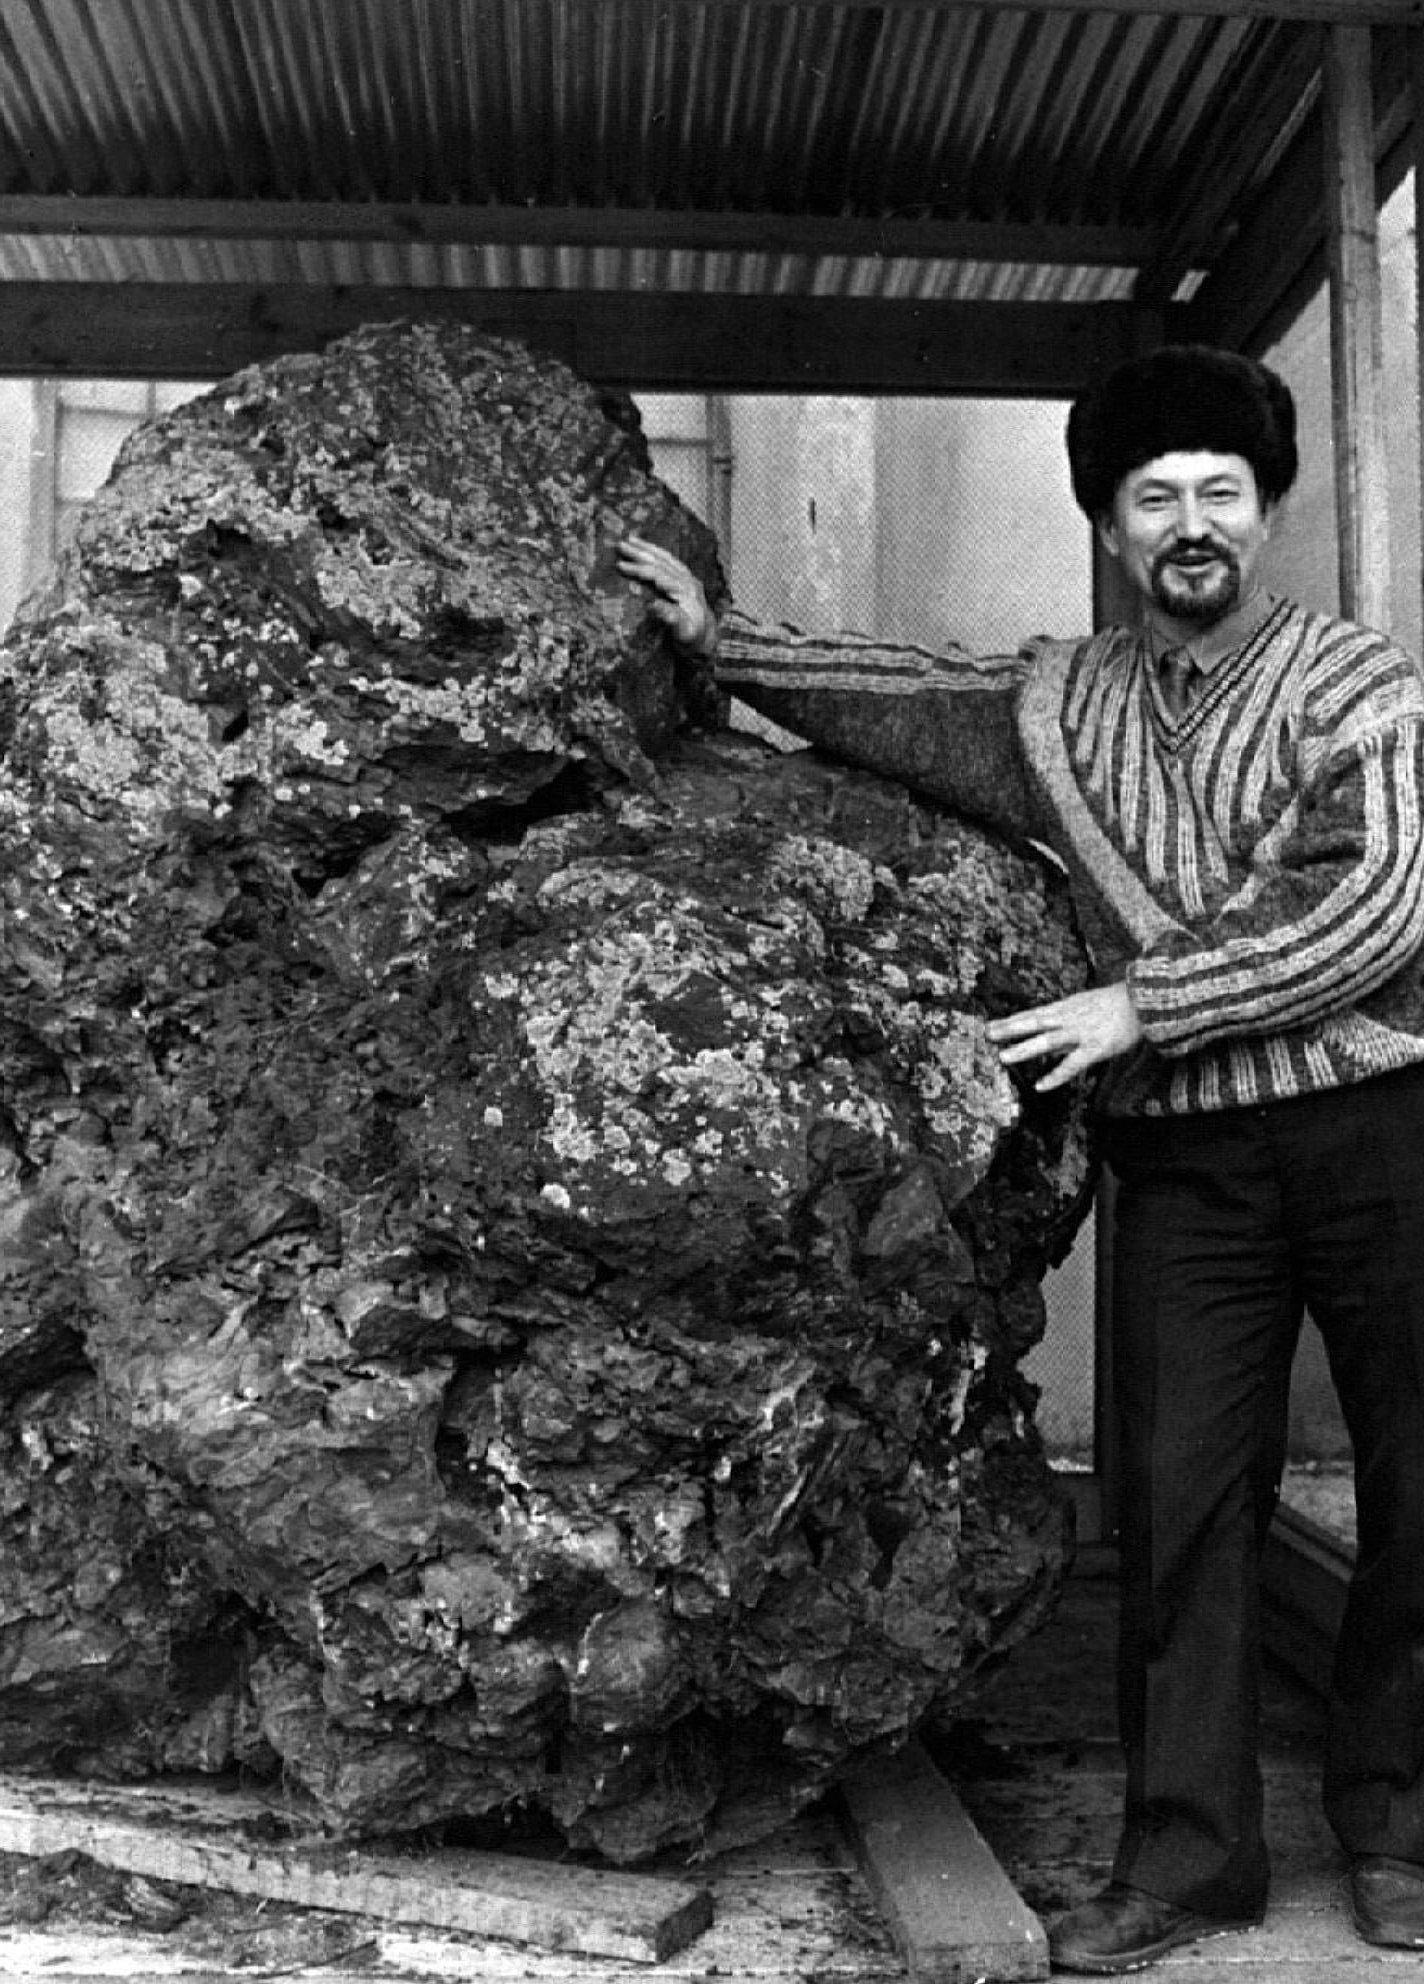 Ein Mann steht im sibirischen Krasnojarsk neben einem Gesteinsbrocken (undatierte Aufnahme). Der drei Tonnen schwere Brocken soll angeblich ein Teil des Meteoriten sein, der im Jahre 1908 über dem Fluss Steinige Tunguska niedergegangen war. Die Explosion über der unbesiedelten Waldregion, von der es keine Augenzeugen gibt, setzte nach heutigem Wissen die Sprengkraft von bis zu 1000 Hiroshima-Bomben frei.